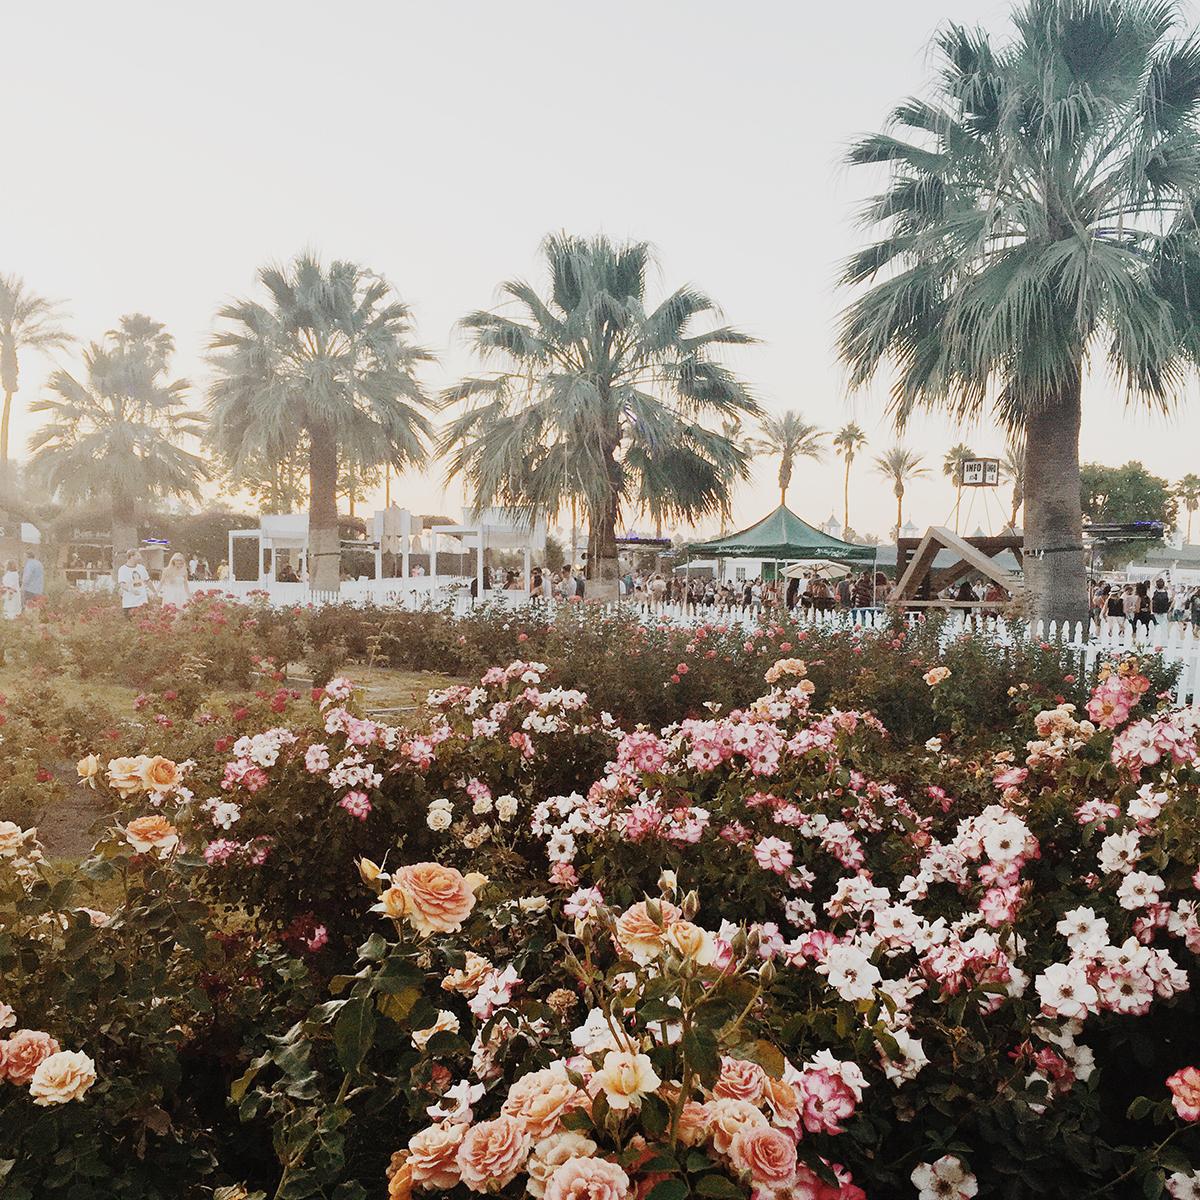 VIP Rose Garden in Coachella